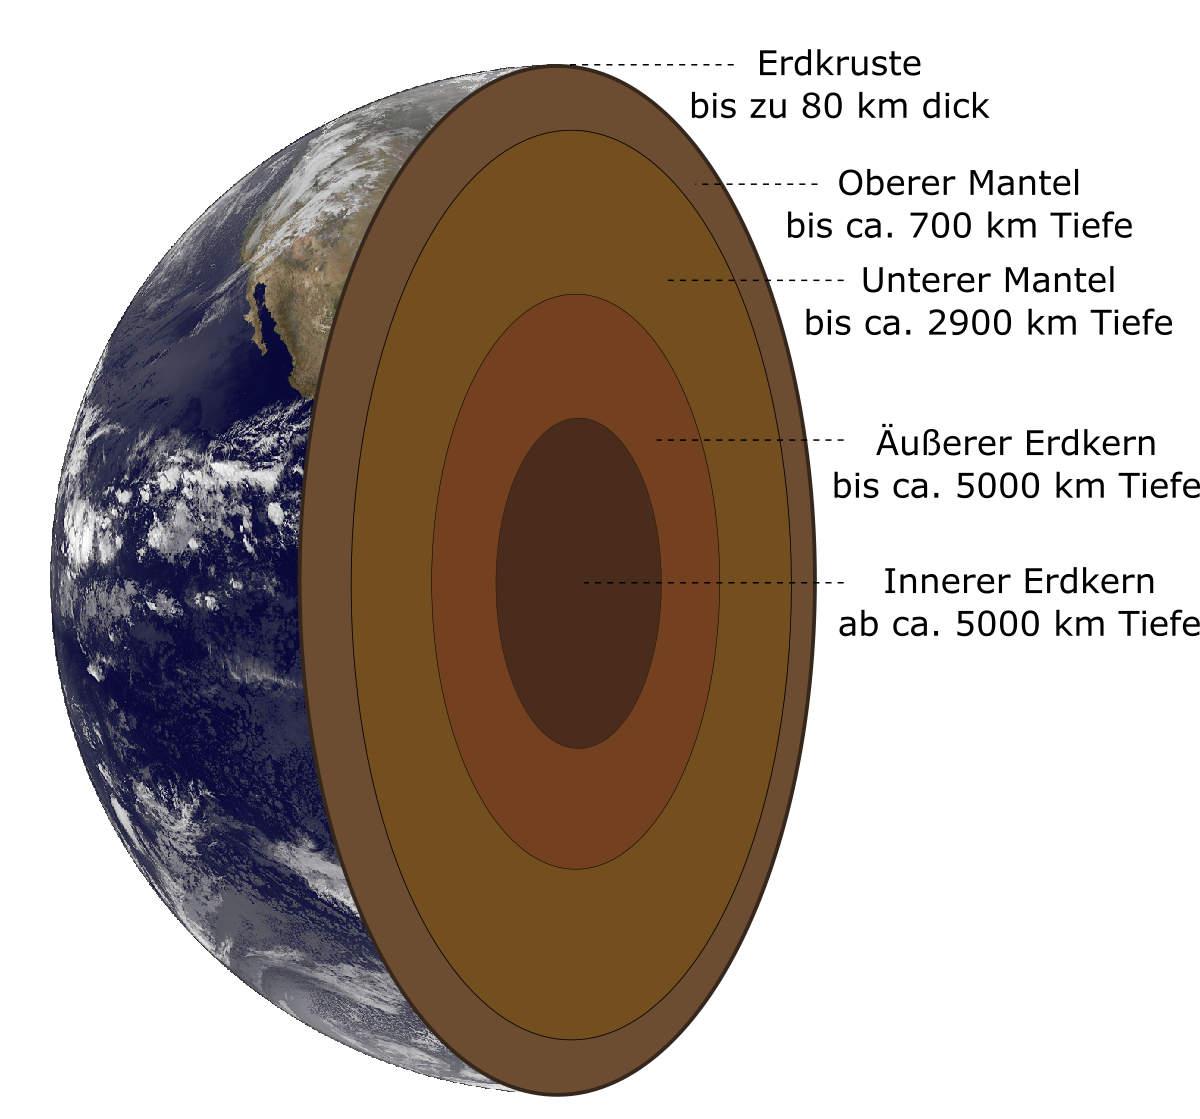 Informationen über die Erde | Weltkugel-Globus.de